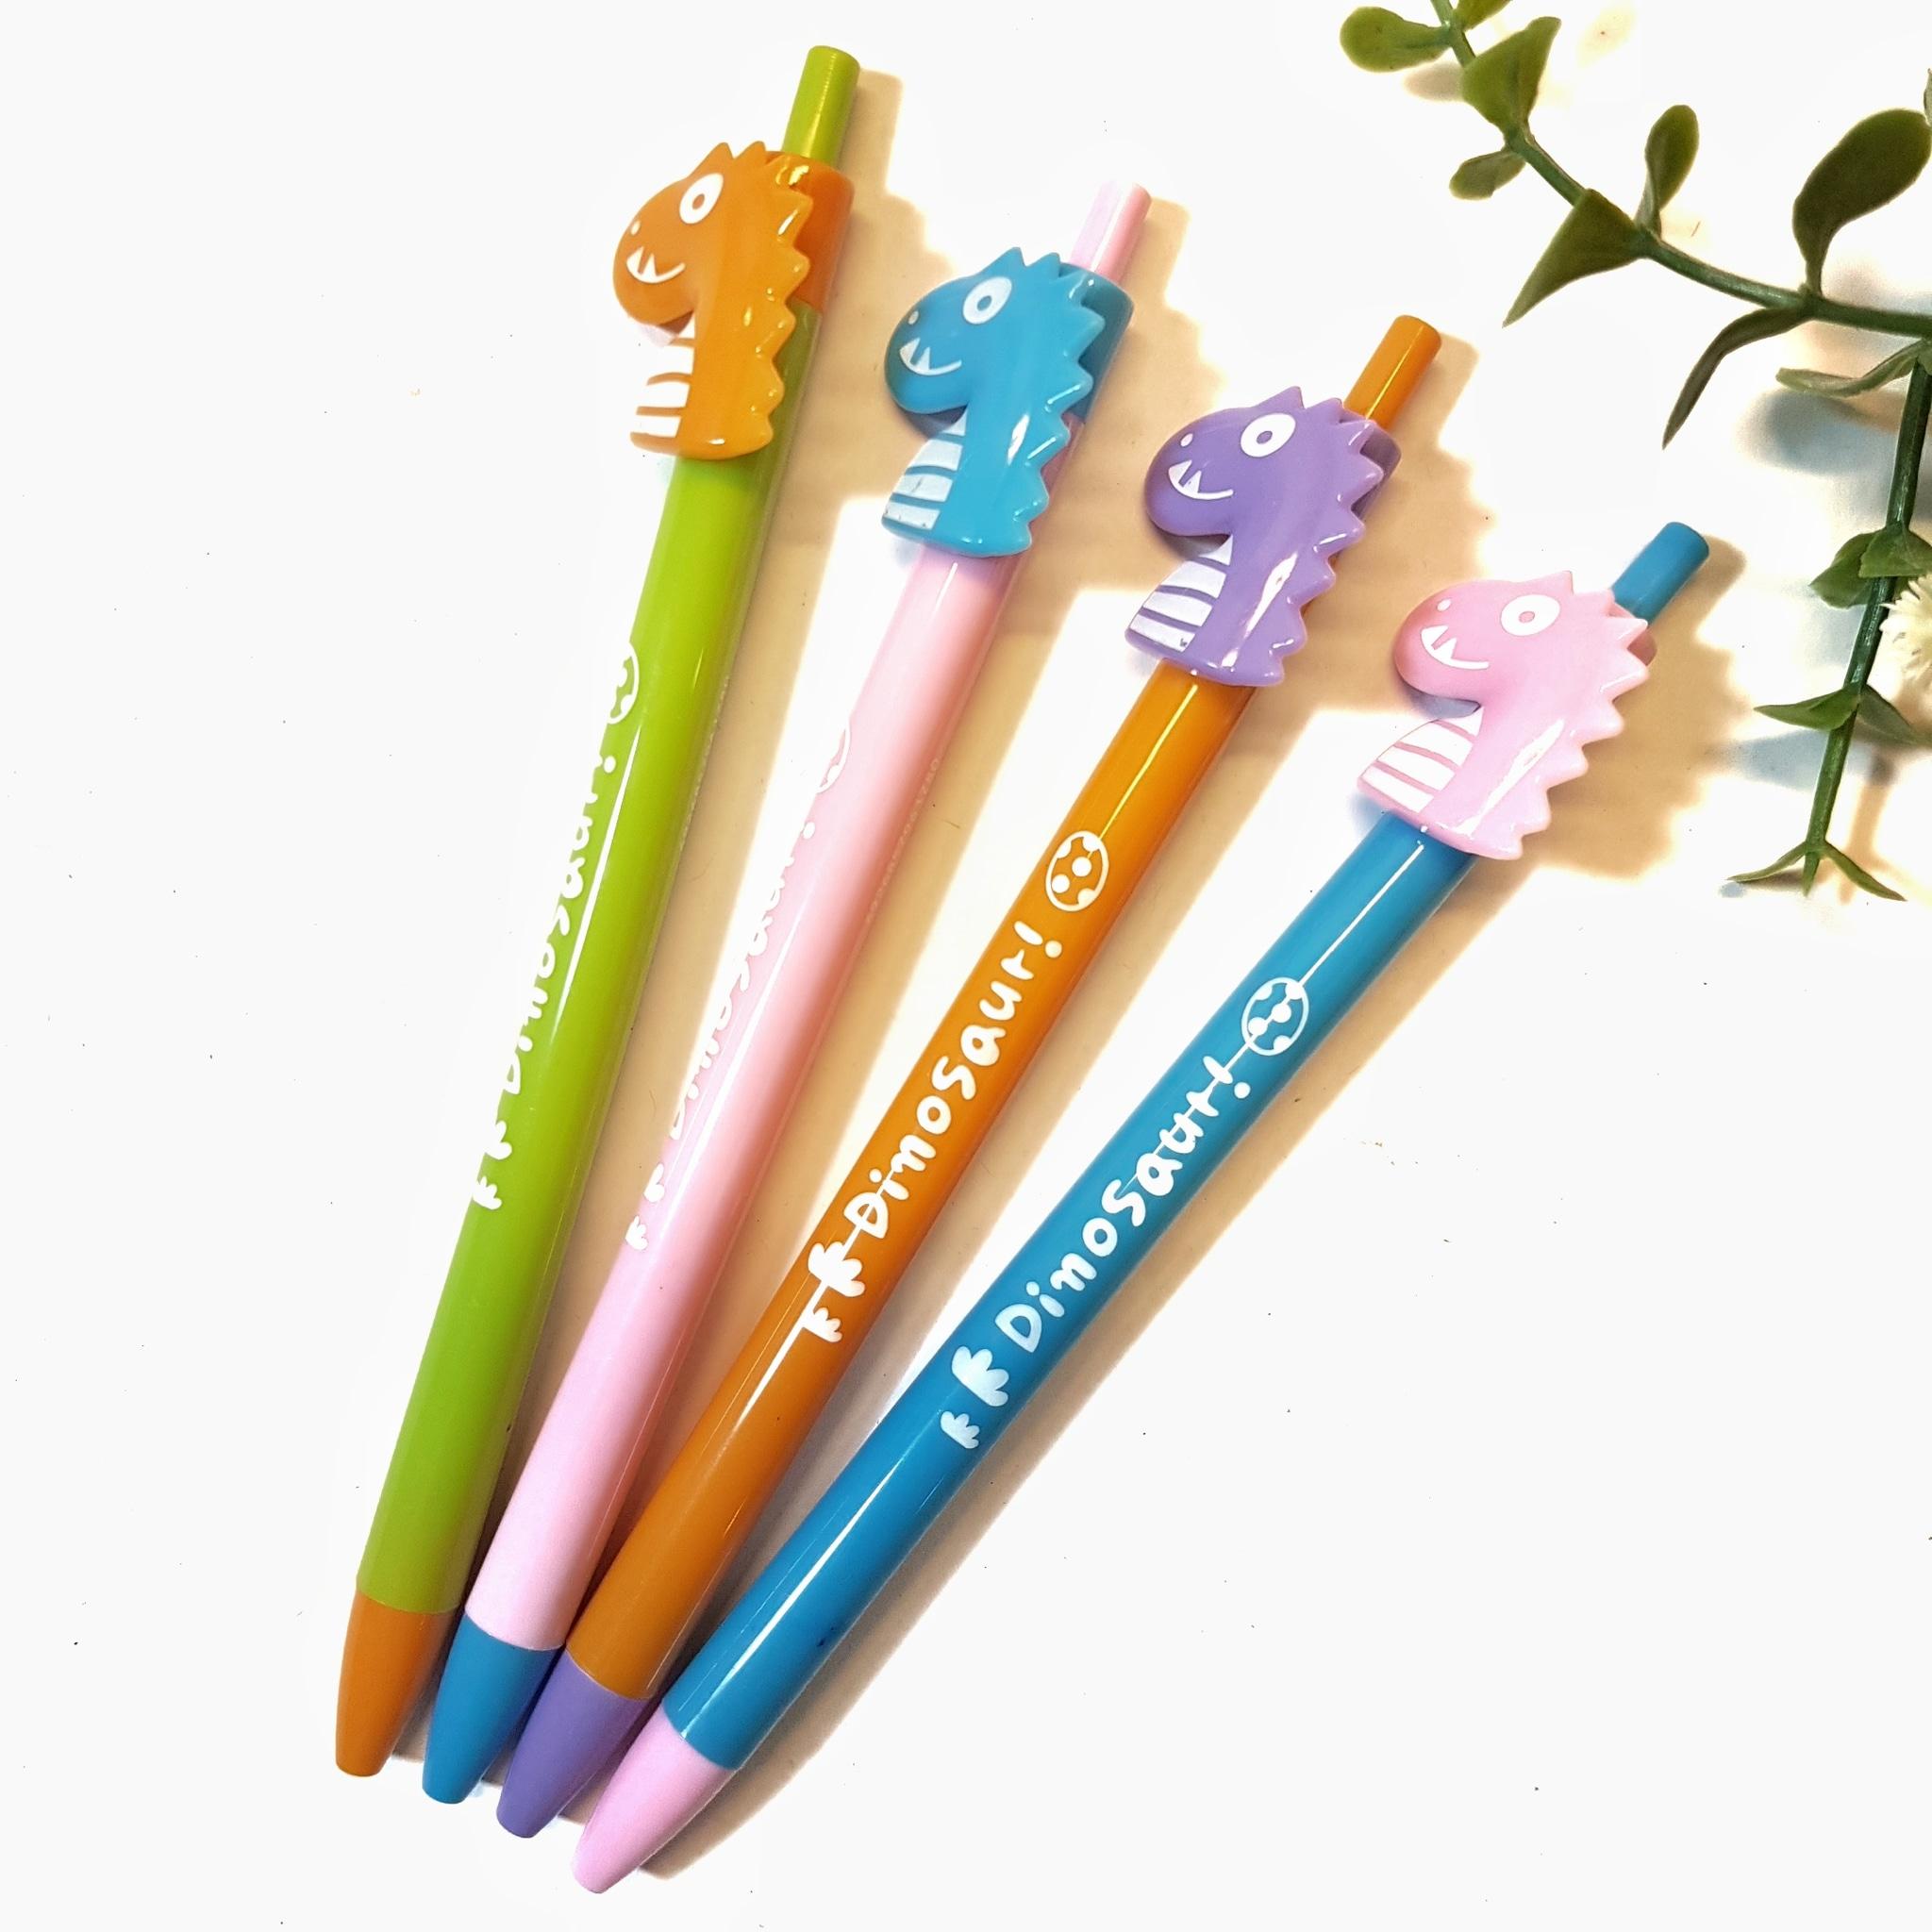 Alat Tulis | Pensil Mekanik | Pensil Ketik Dinosaurus Cute Pencil